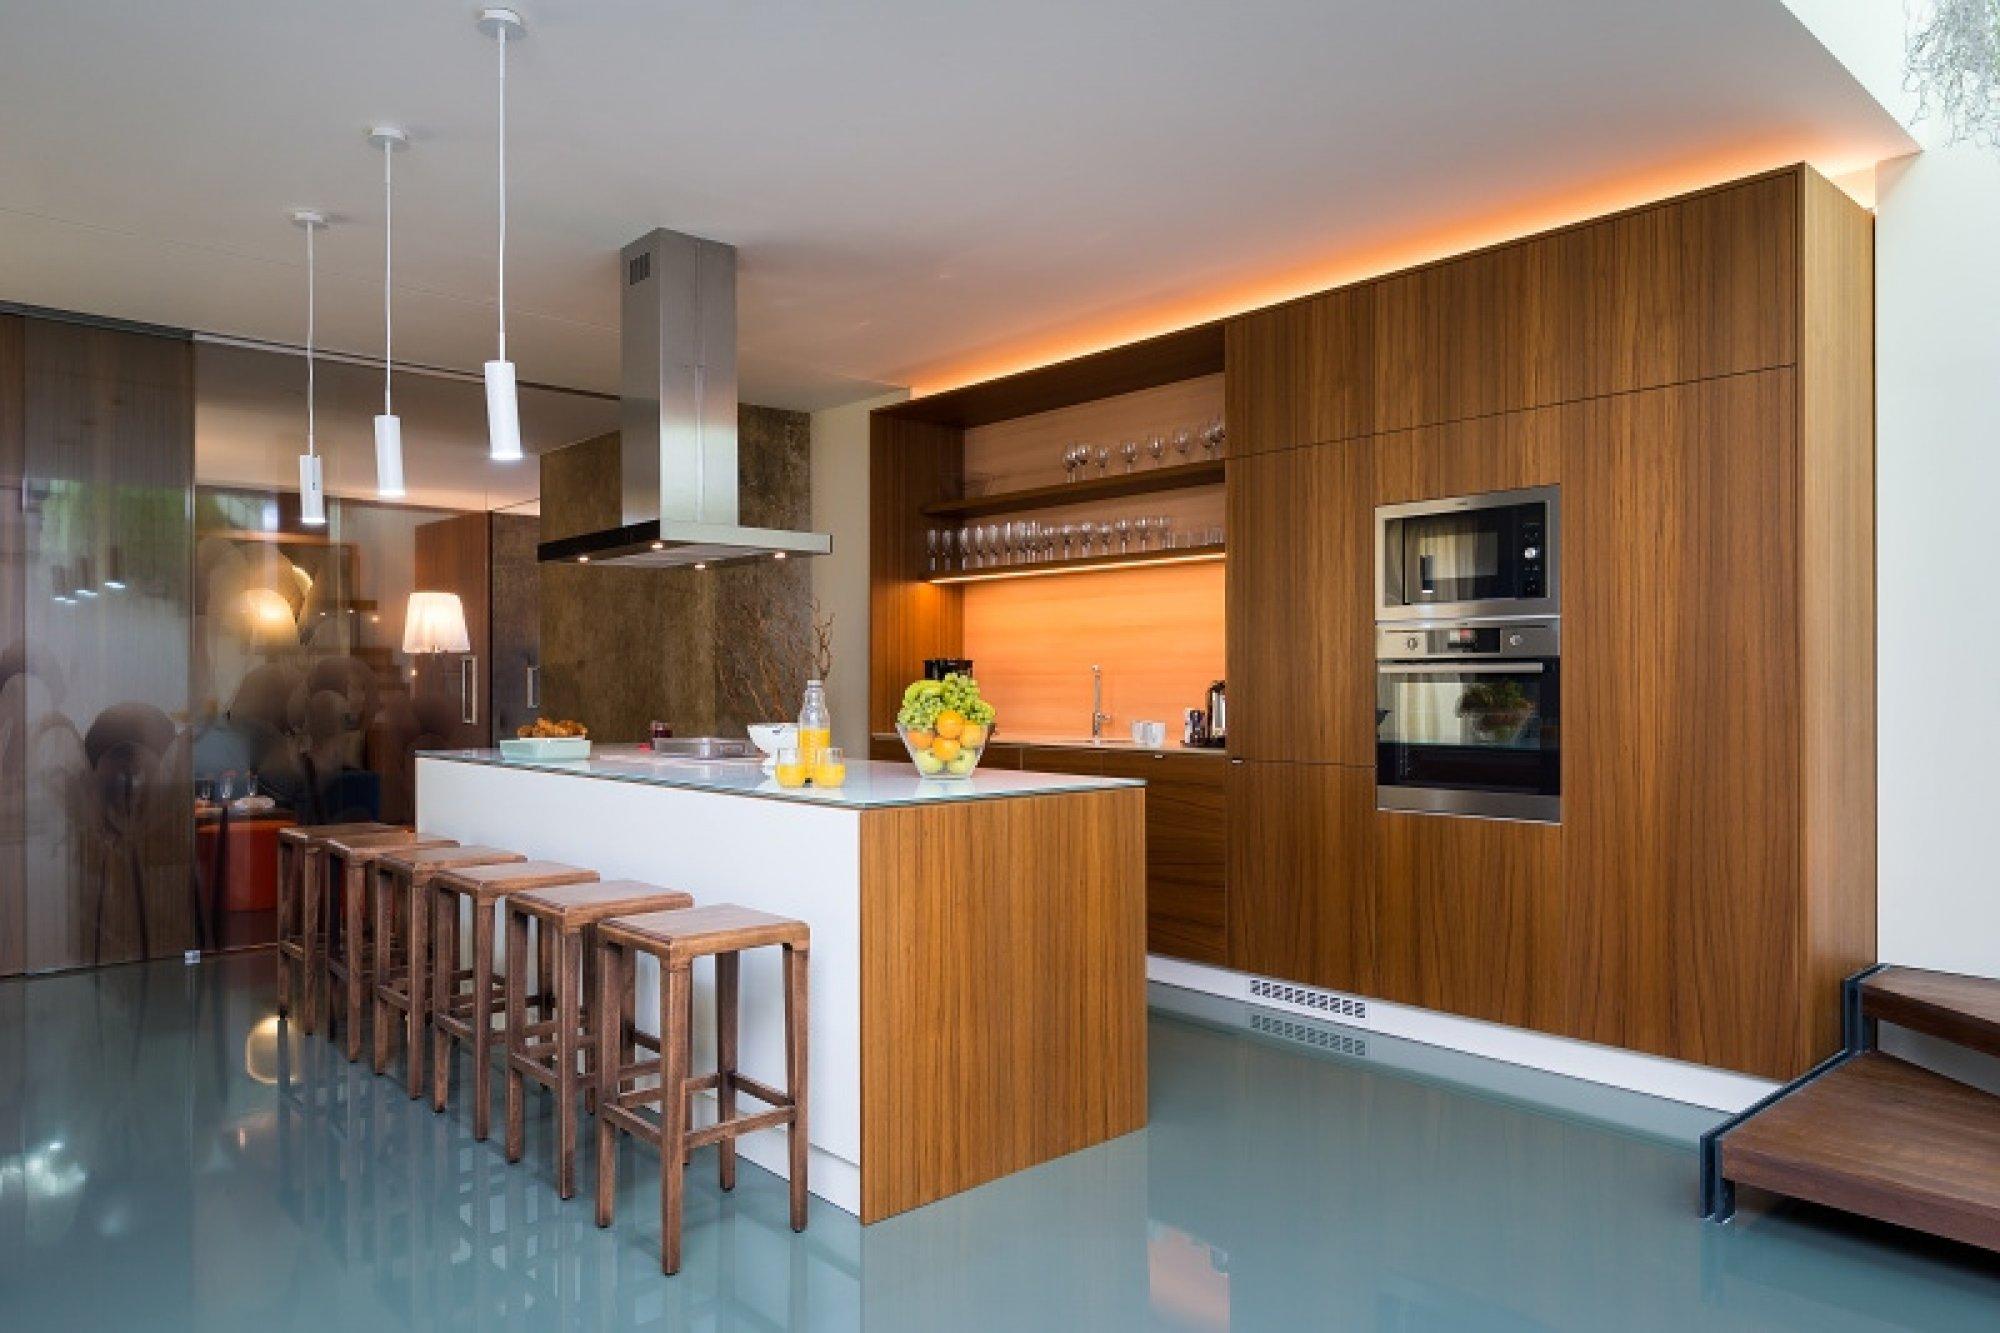 Půdní byt 5+kk, plocha 165 m², ulice Jindřišská, Praha 1 - Nové Město | 1